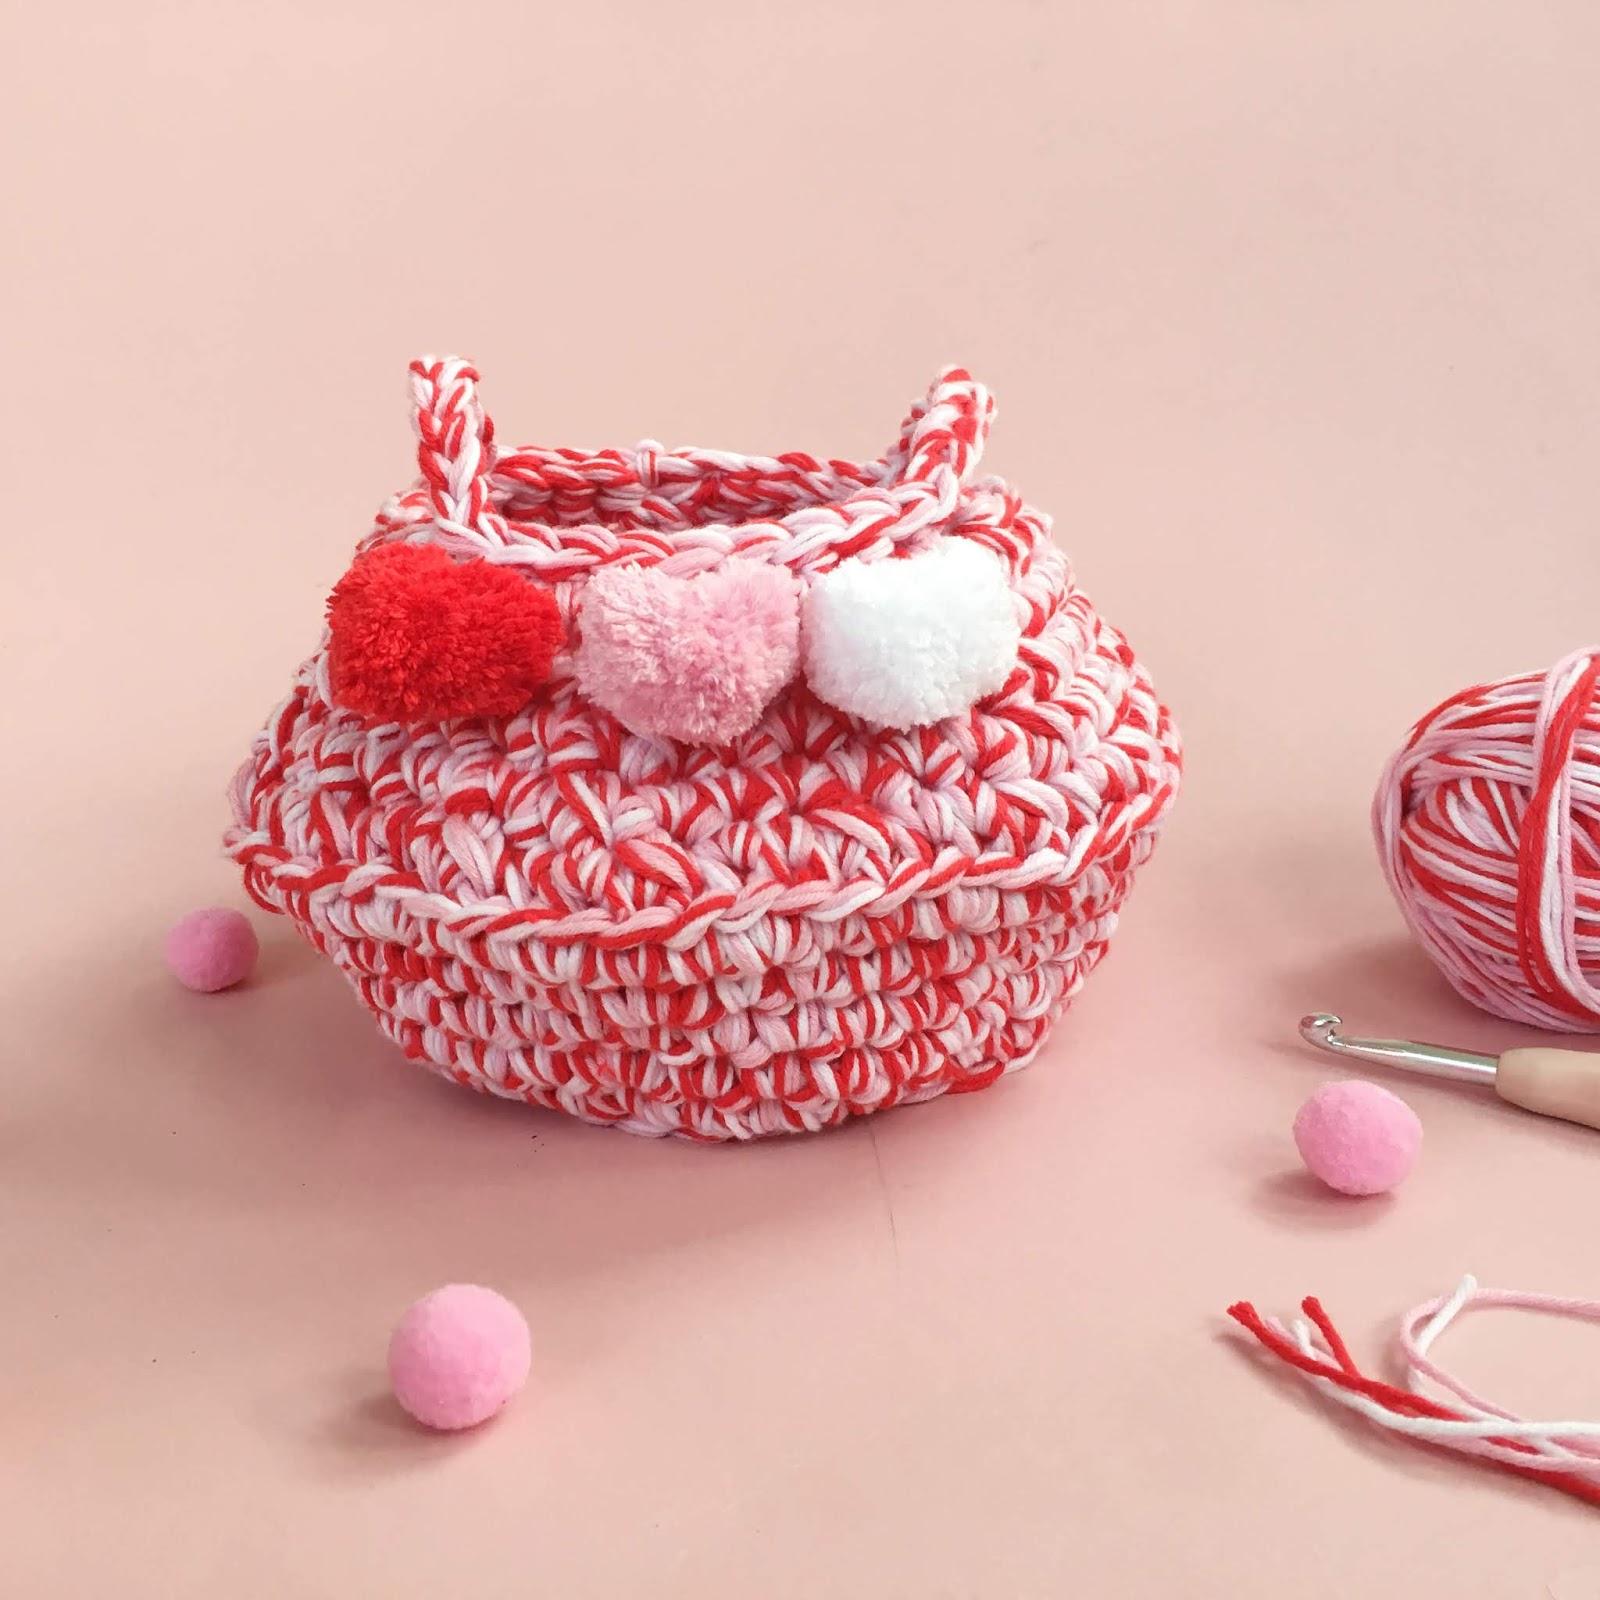 Love Heart Belly Basket - Free Valentine's crochet pattern